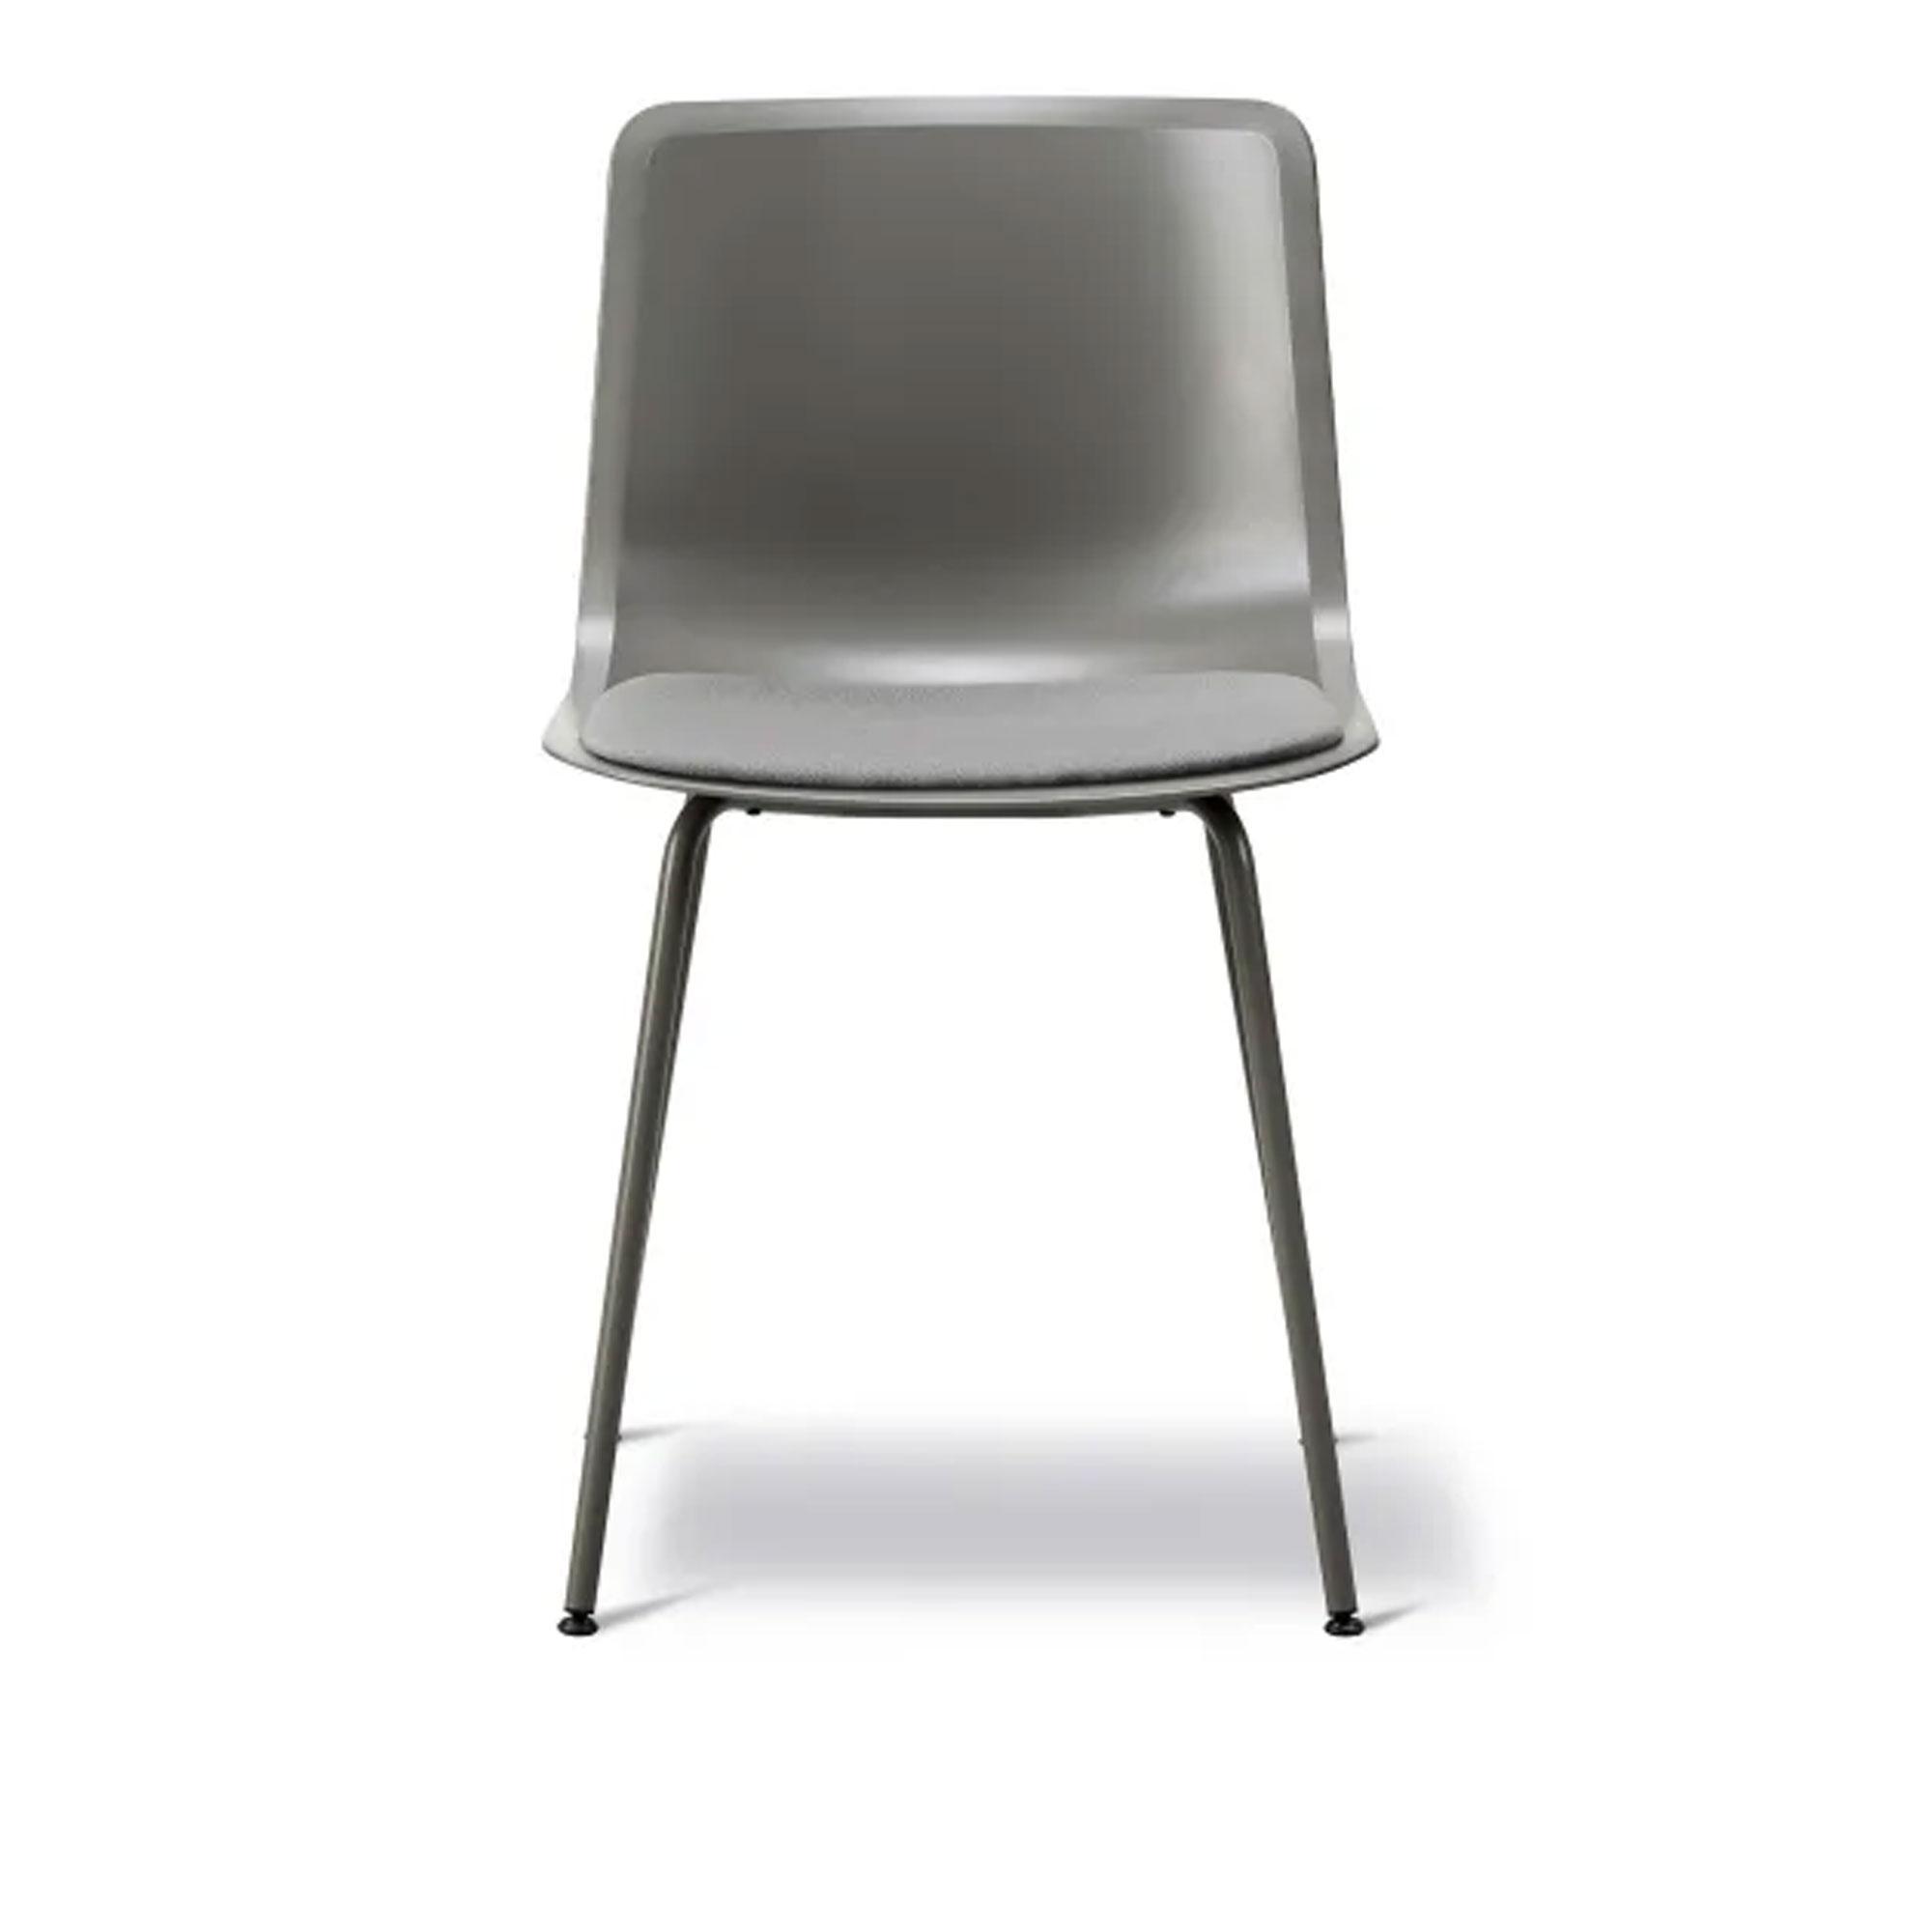 Köp Pato 4 Leg Center Klädd sits från Fredericia Furniture